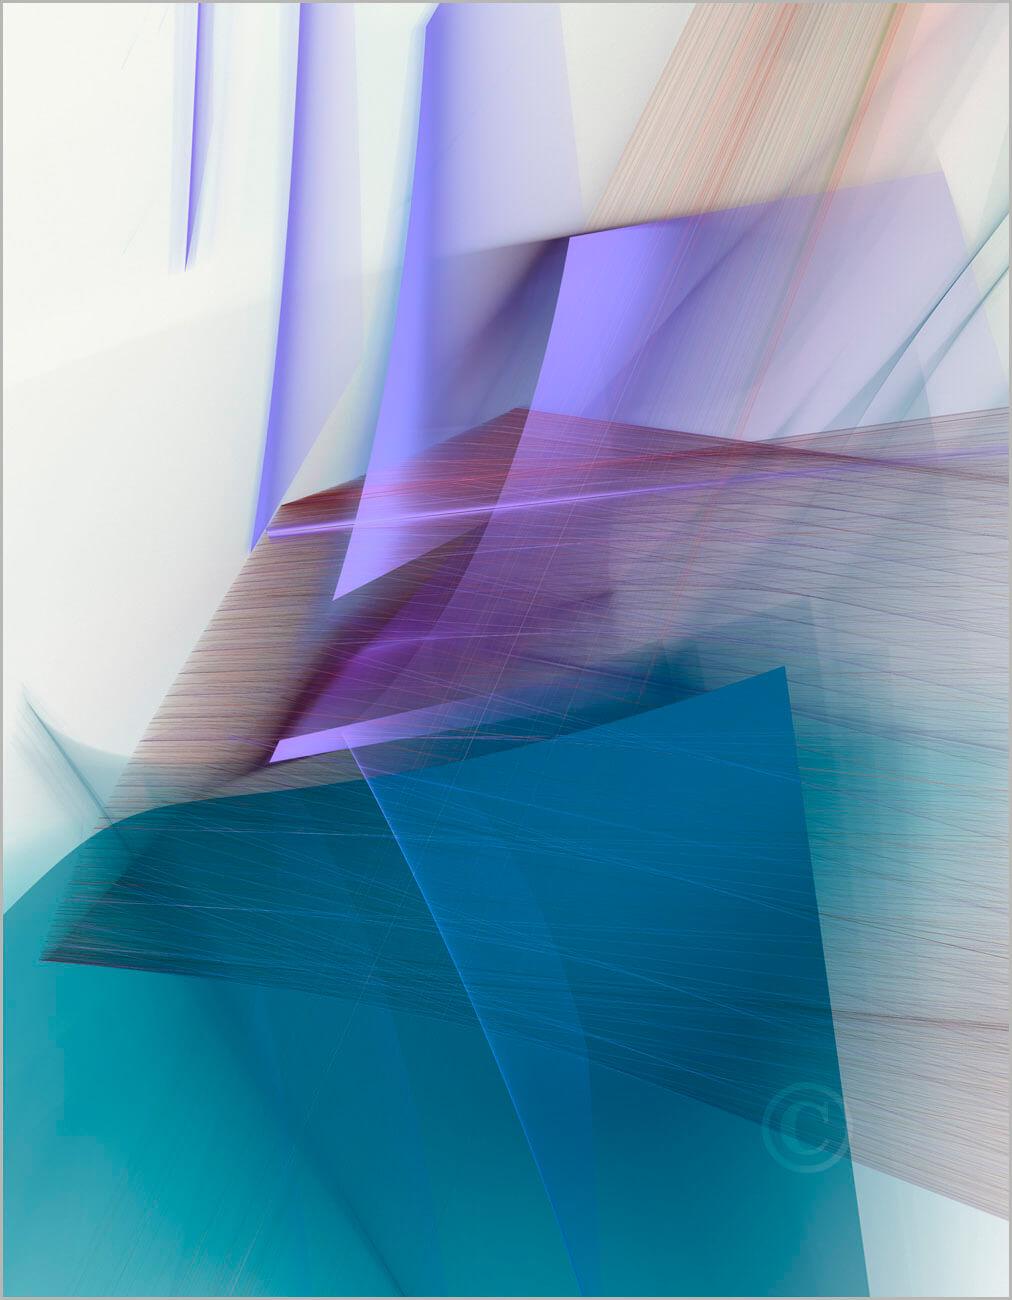 Colorshapes_F2_3063_L